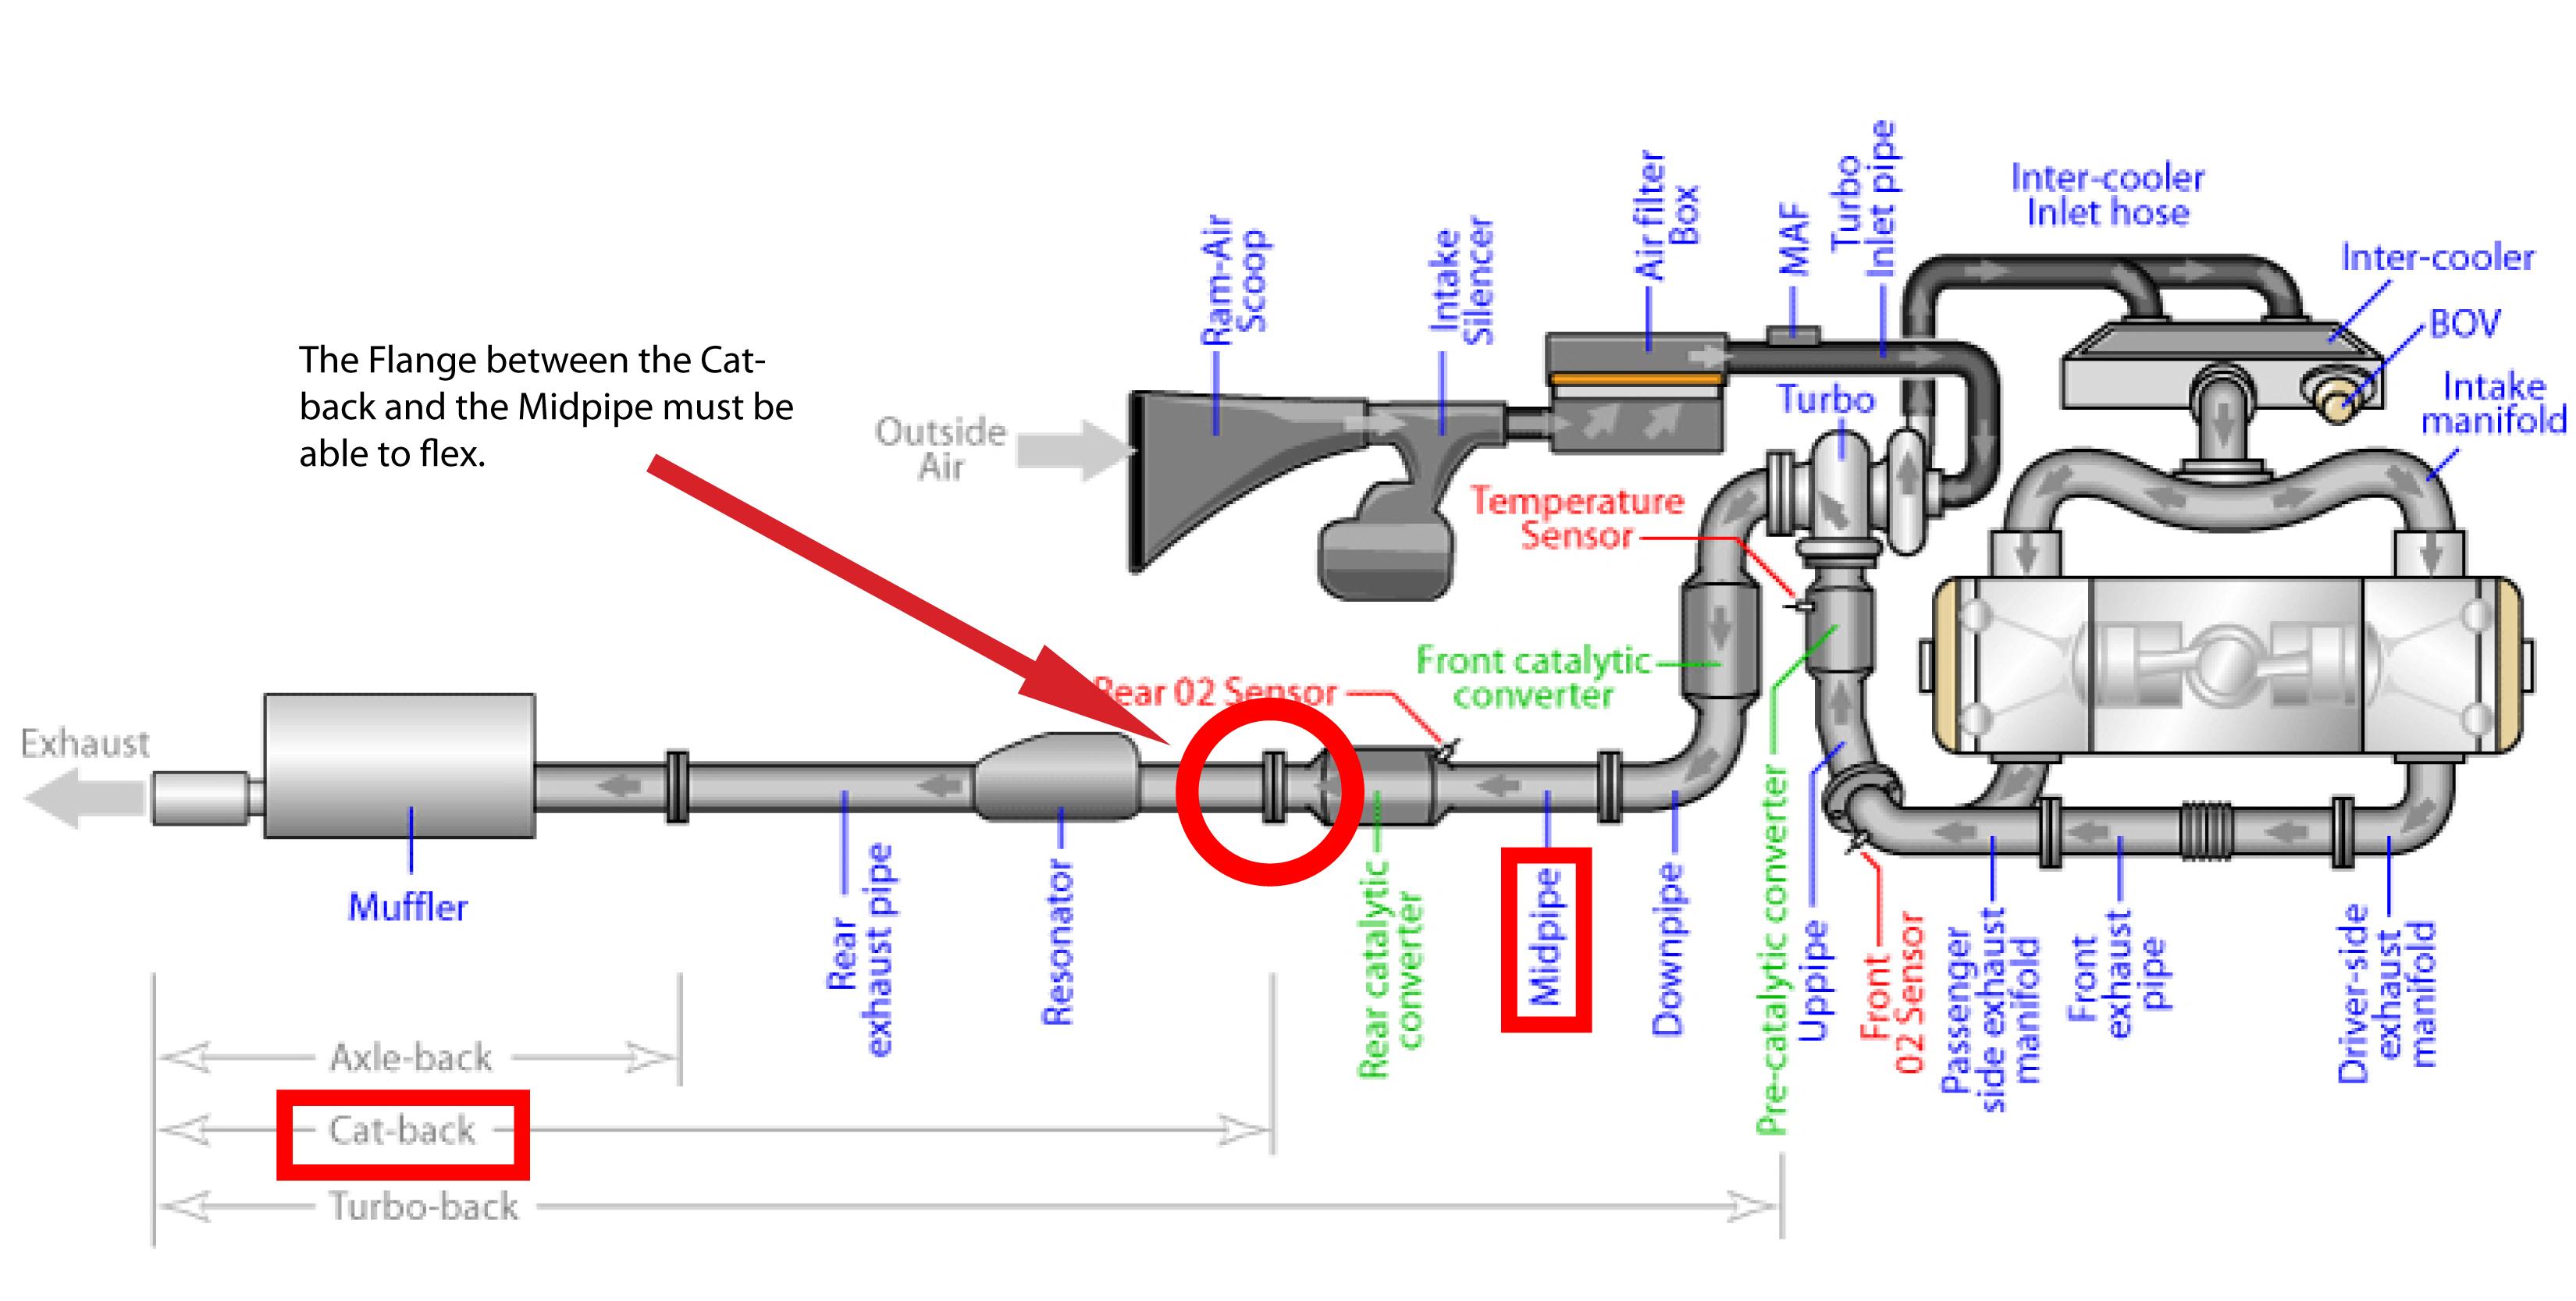 Subaru Exhaust Leak Repair